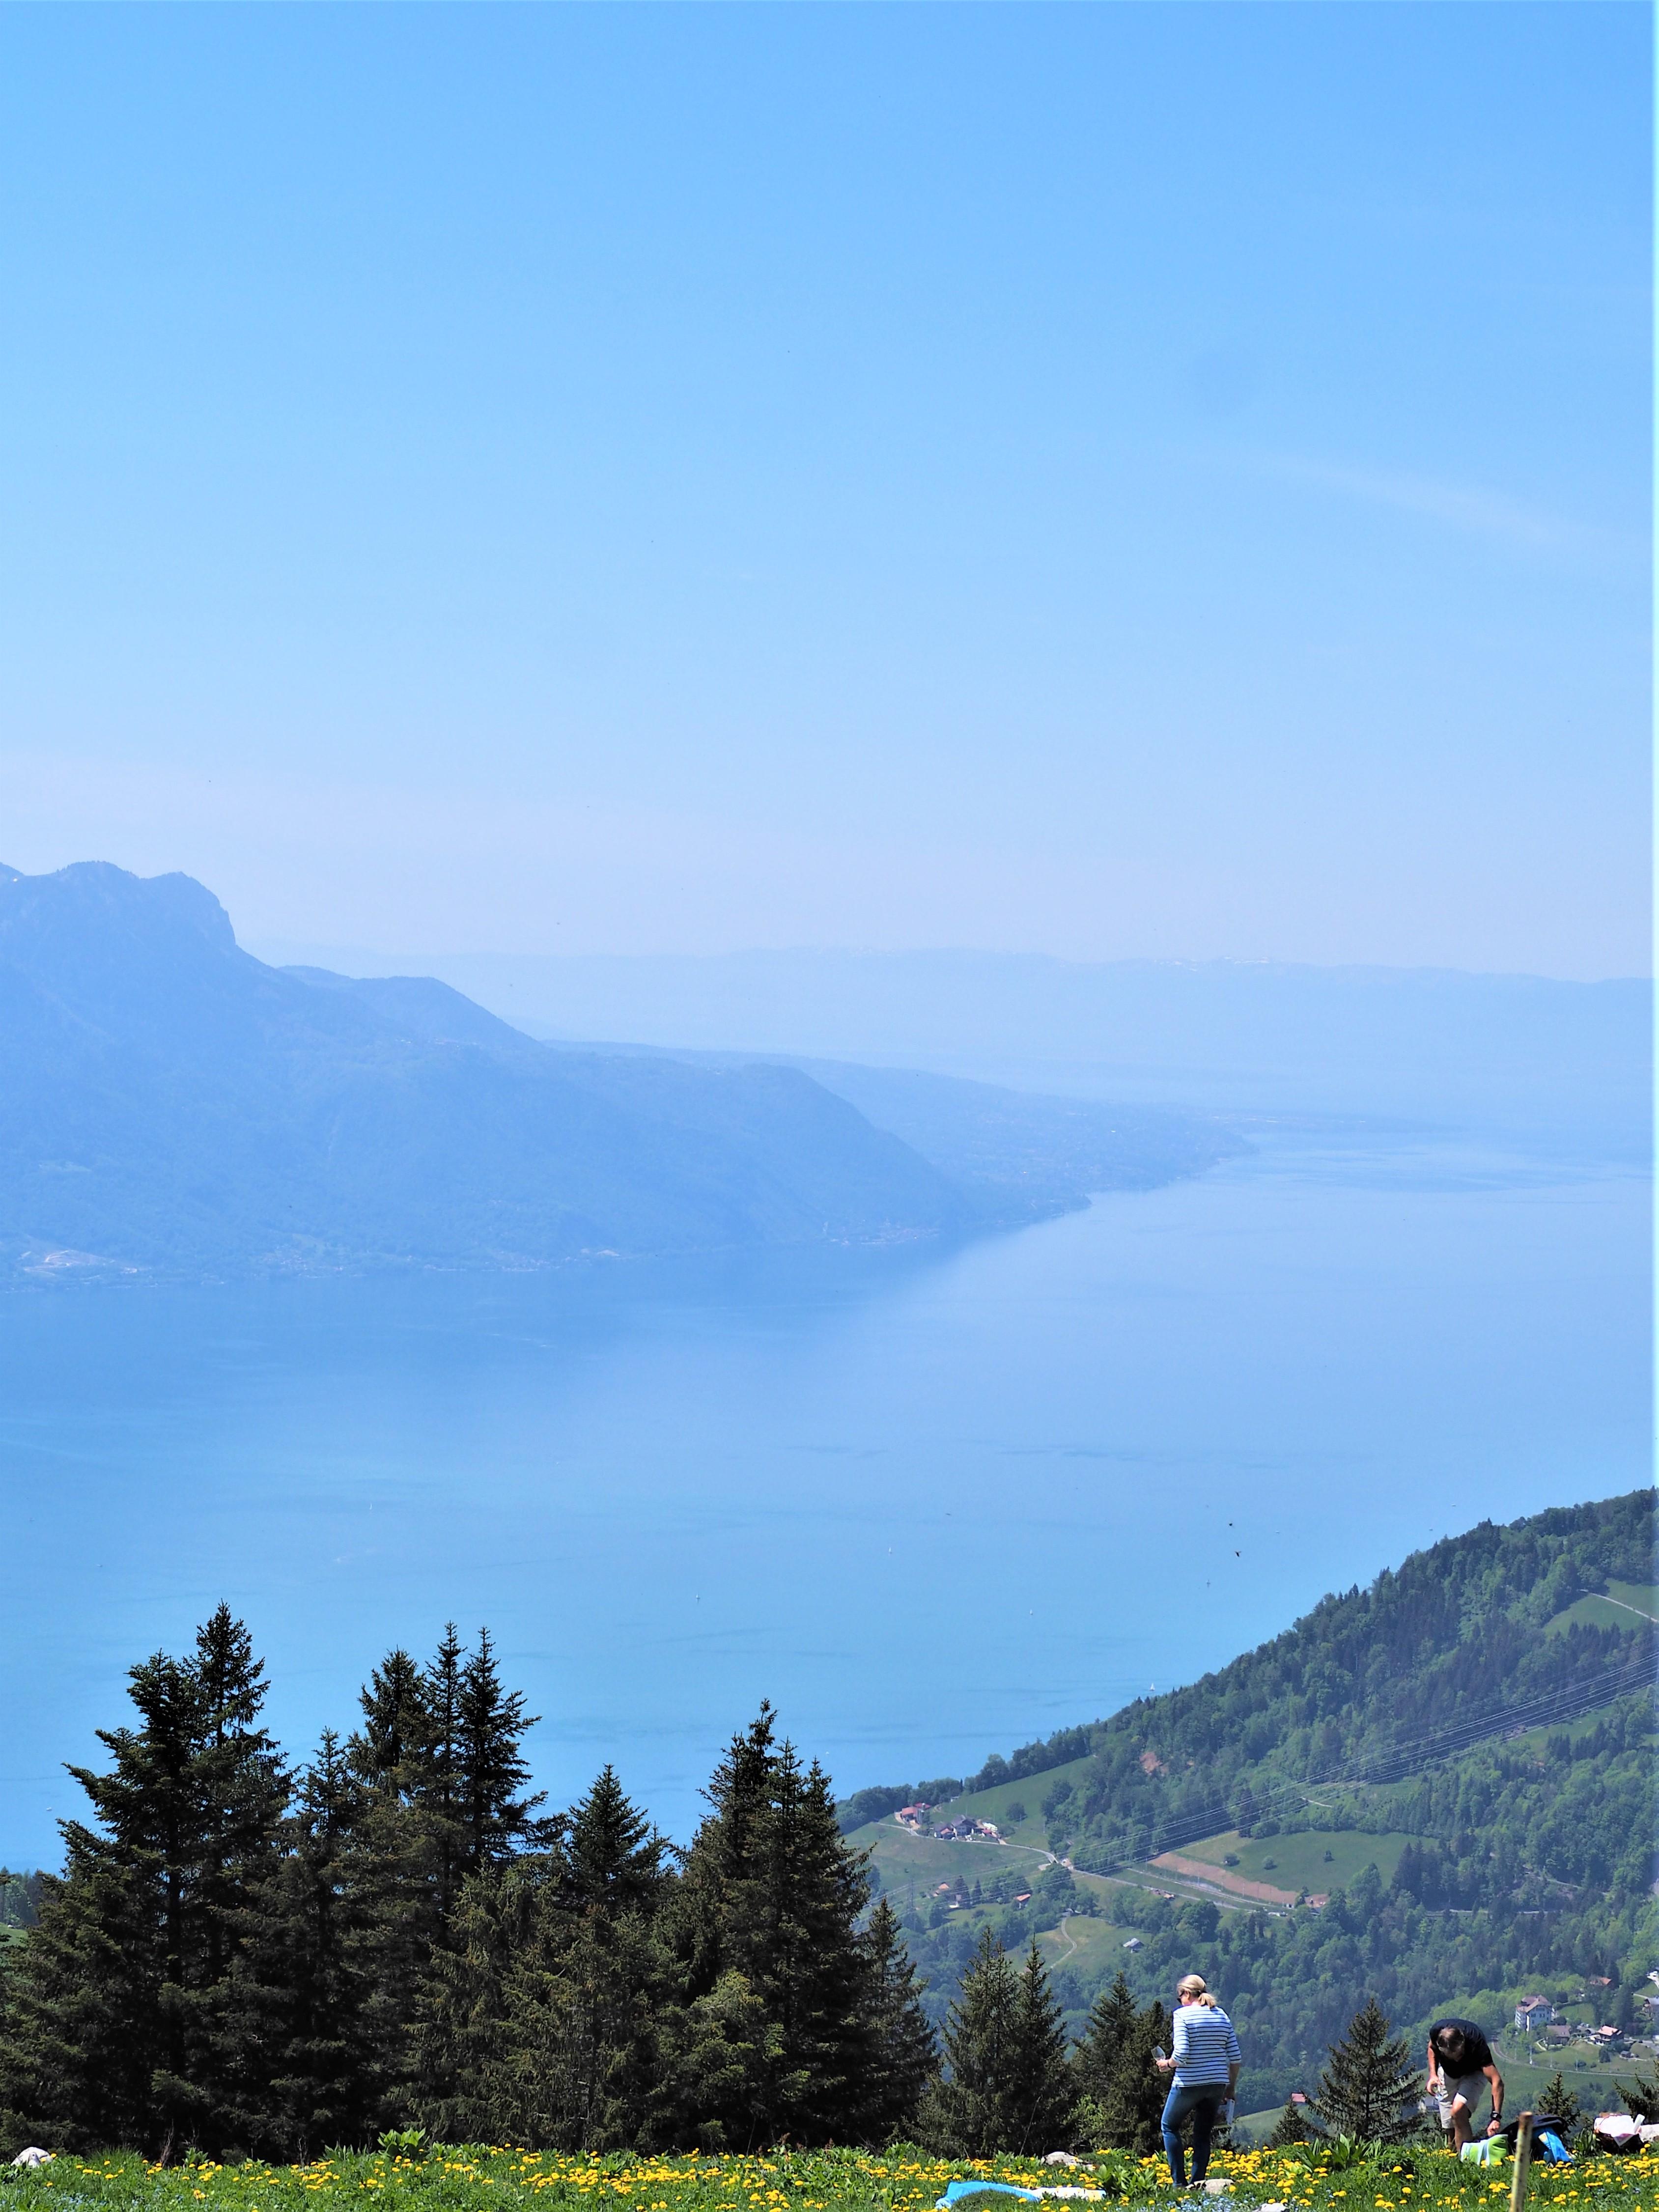 Suisse-randonnee-Dent-de-Jaman-canton-de-Vaud.